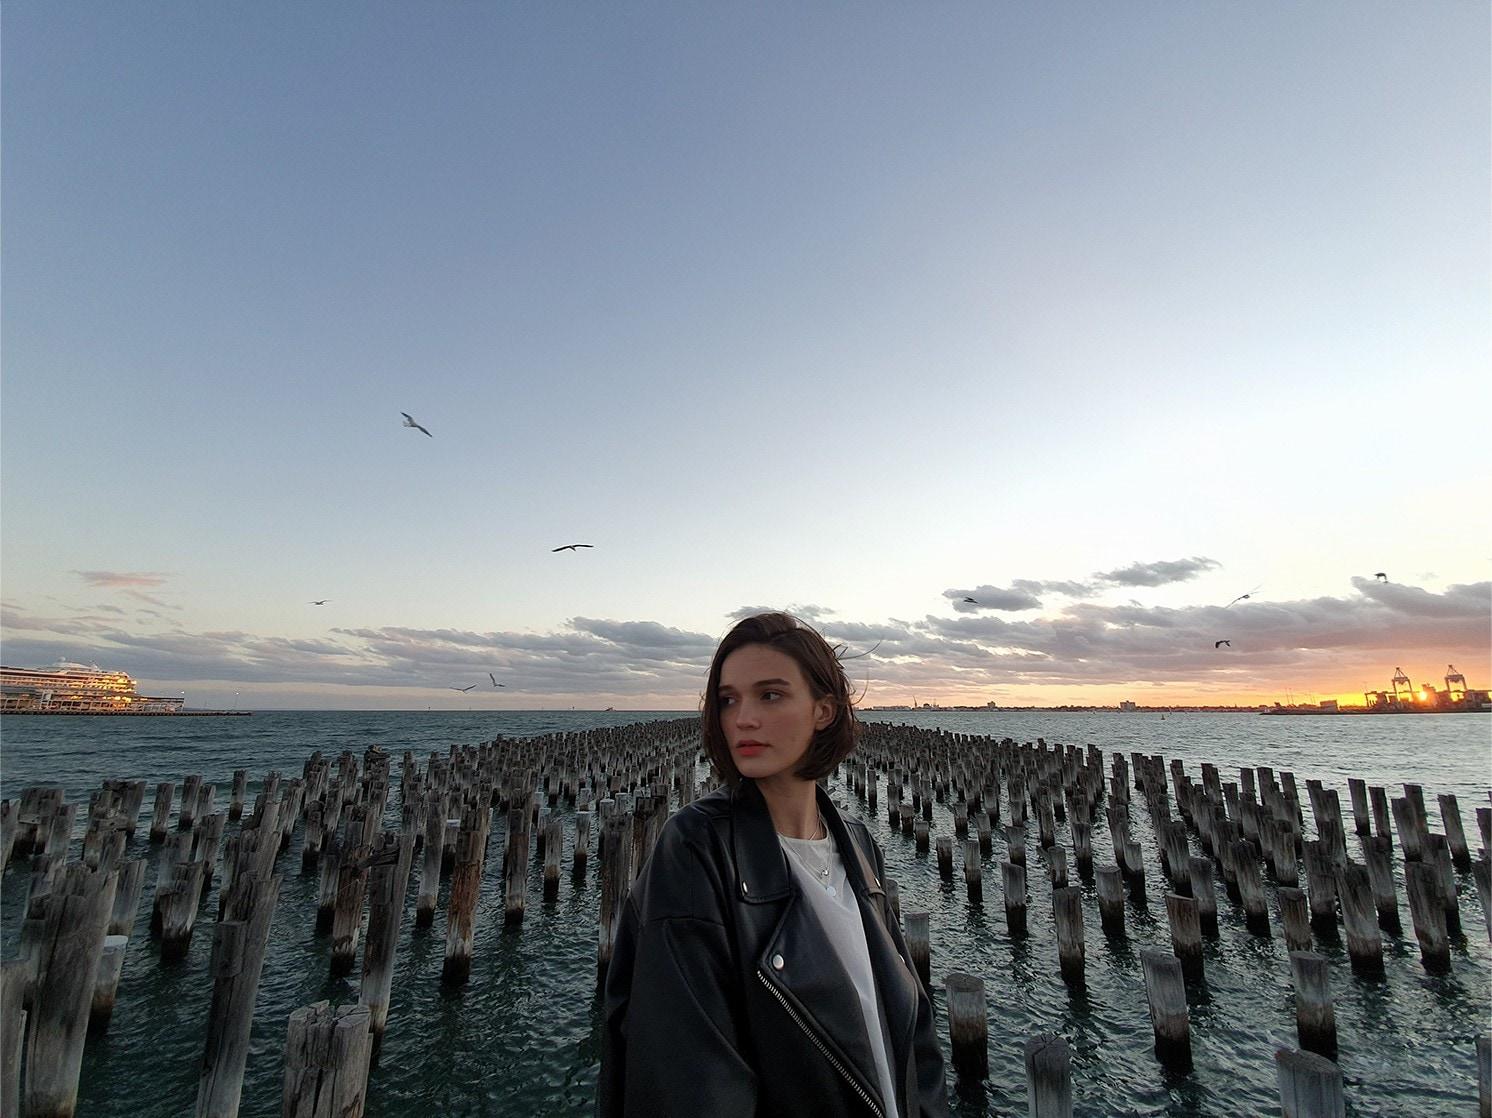 Снимка на жена, която стои пред няколко дървени стълба в морето на здрачаване, заснета с Galaxy S10 plus. Изтегля се, за да се покаже по-голяма част от пейзажа с ултраширокоъгълната камера.